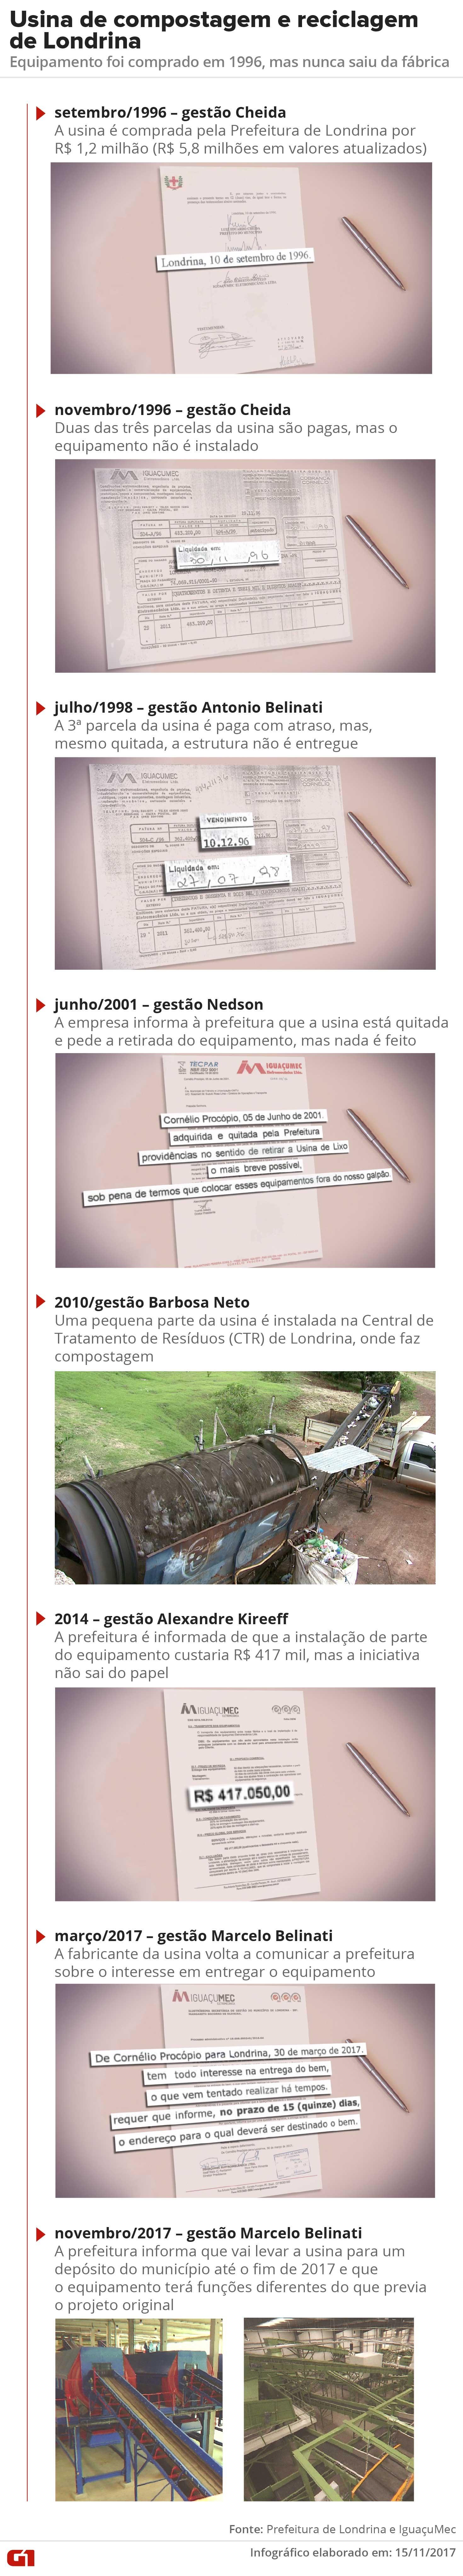 Usina de compostagem e reciclagem comprada há mais de 20 anos pela Prefeitura de Londrina nunca foi instalada